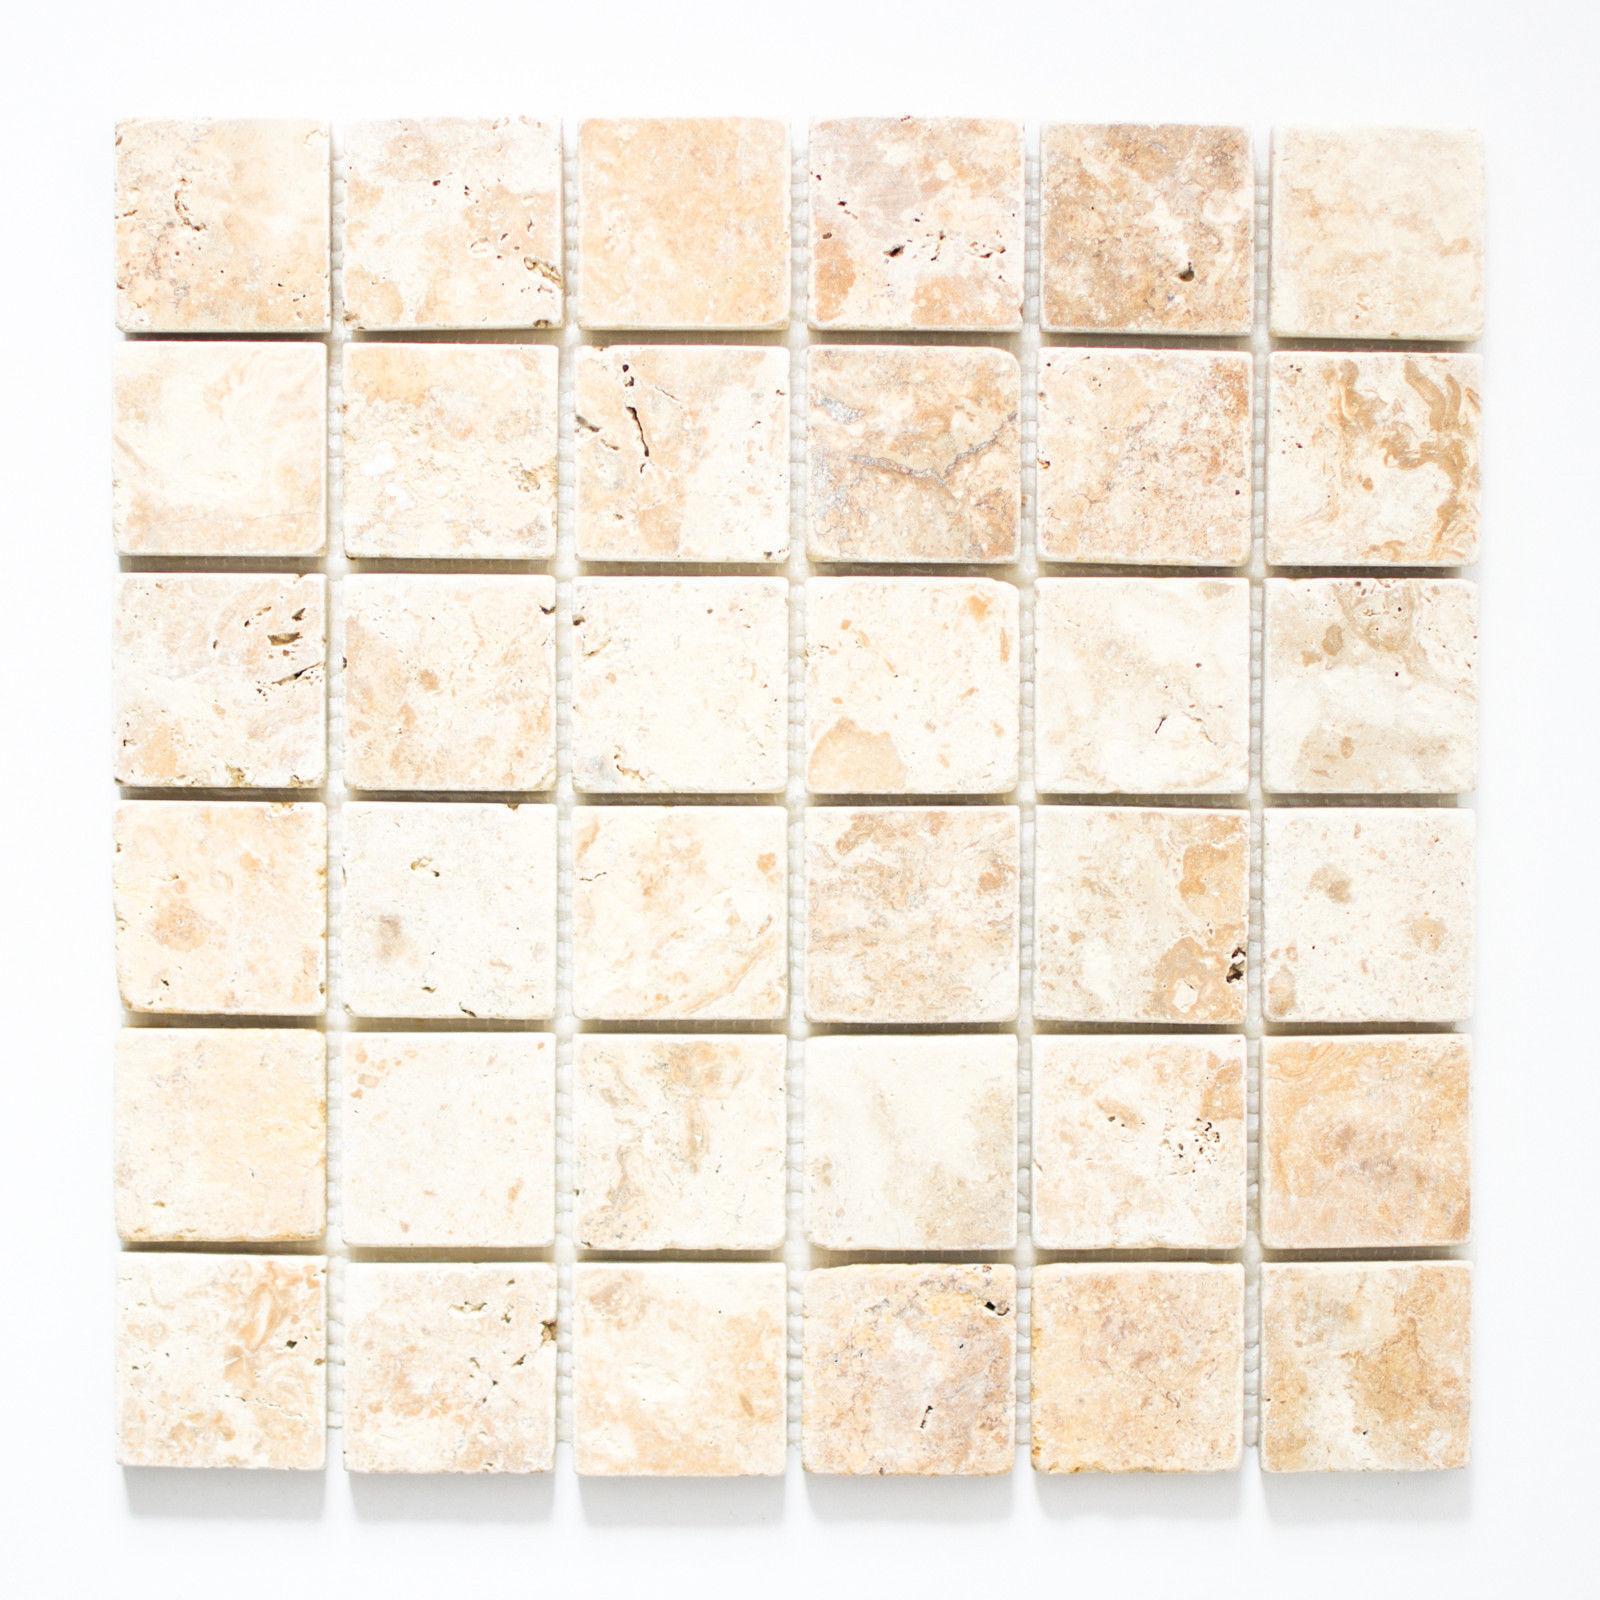 Mosaik Gold antique Travertine Fliesenspiegel Küche Art: 43-51048 | | | 10 Matten 993d0d